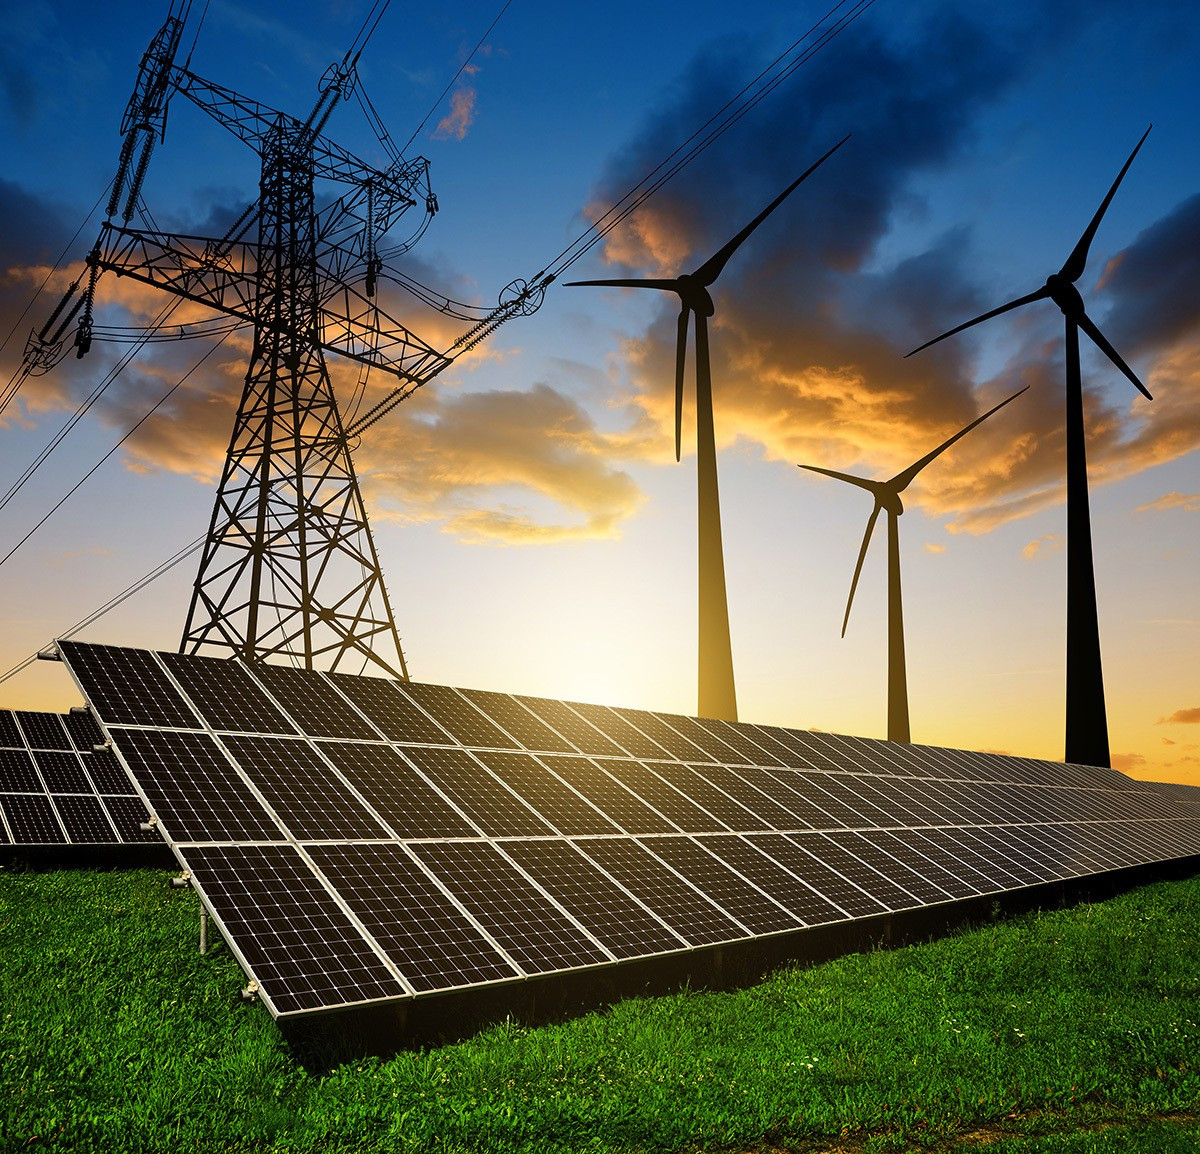 Профессор: Альтернативная энергия безопасна с экологической точки зрения